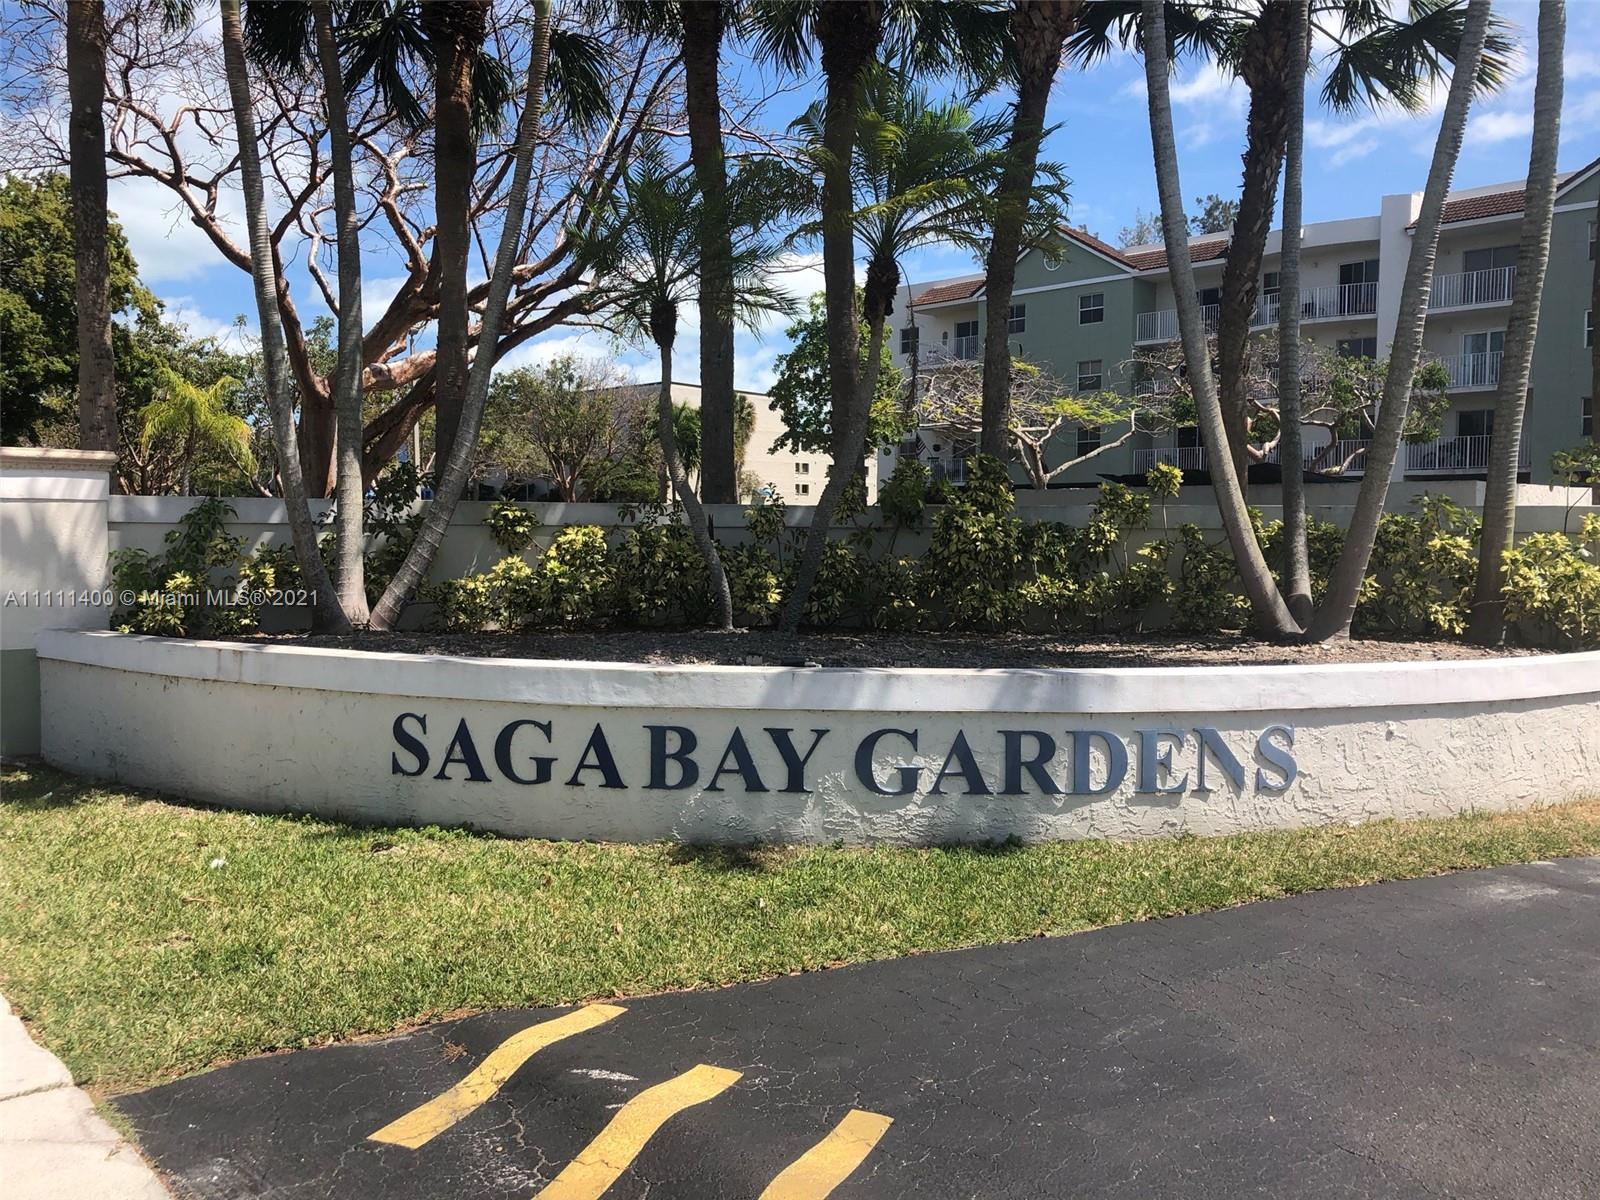 SAGA BAY GARDENS CONDO Condo,For Rent,SAGA BAY GARDENS CONDO Brickell,realty,broker,condos near me